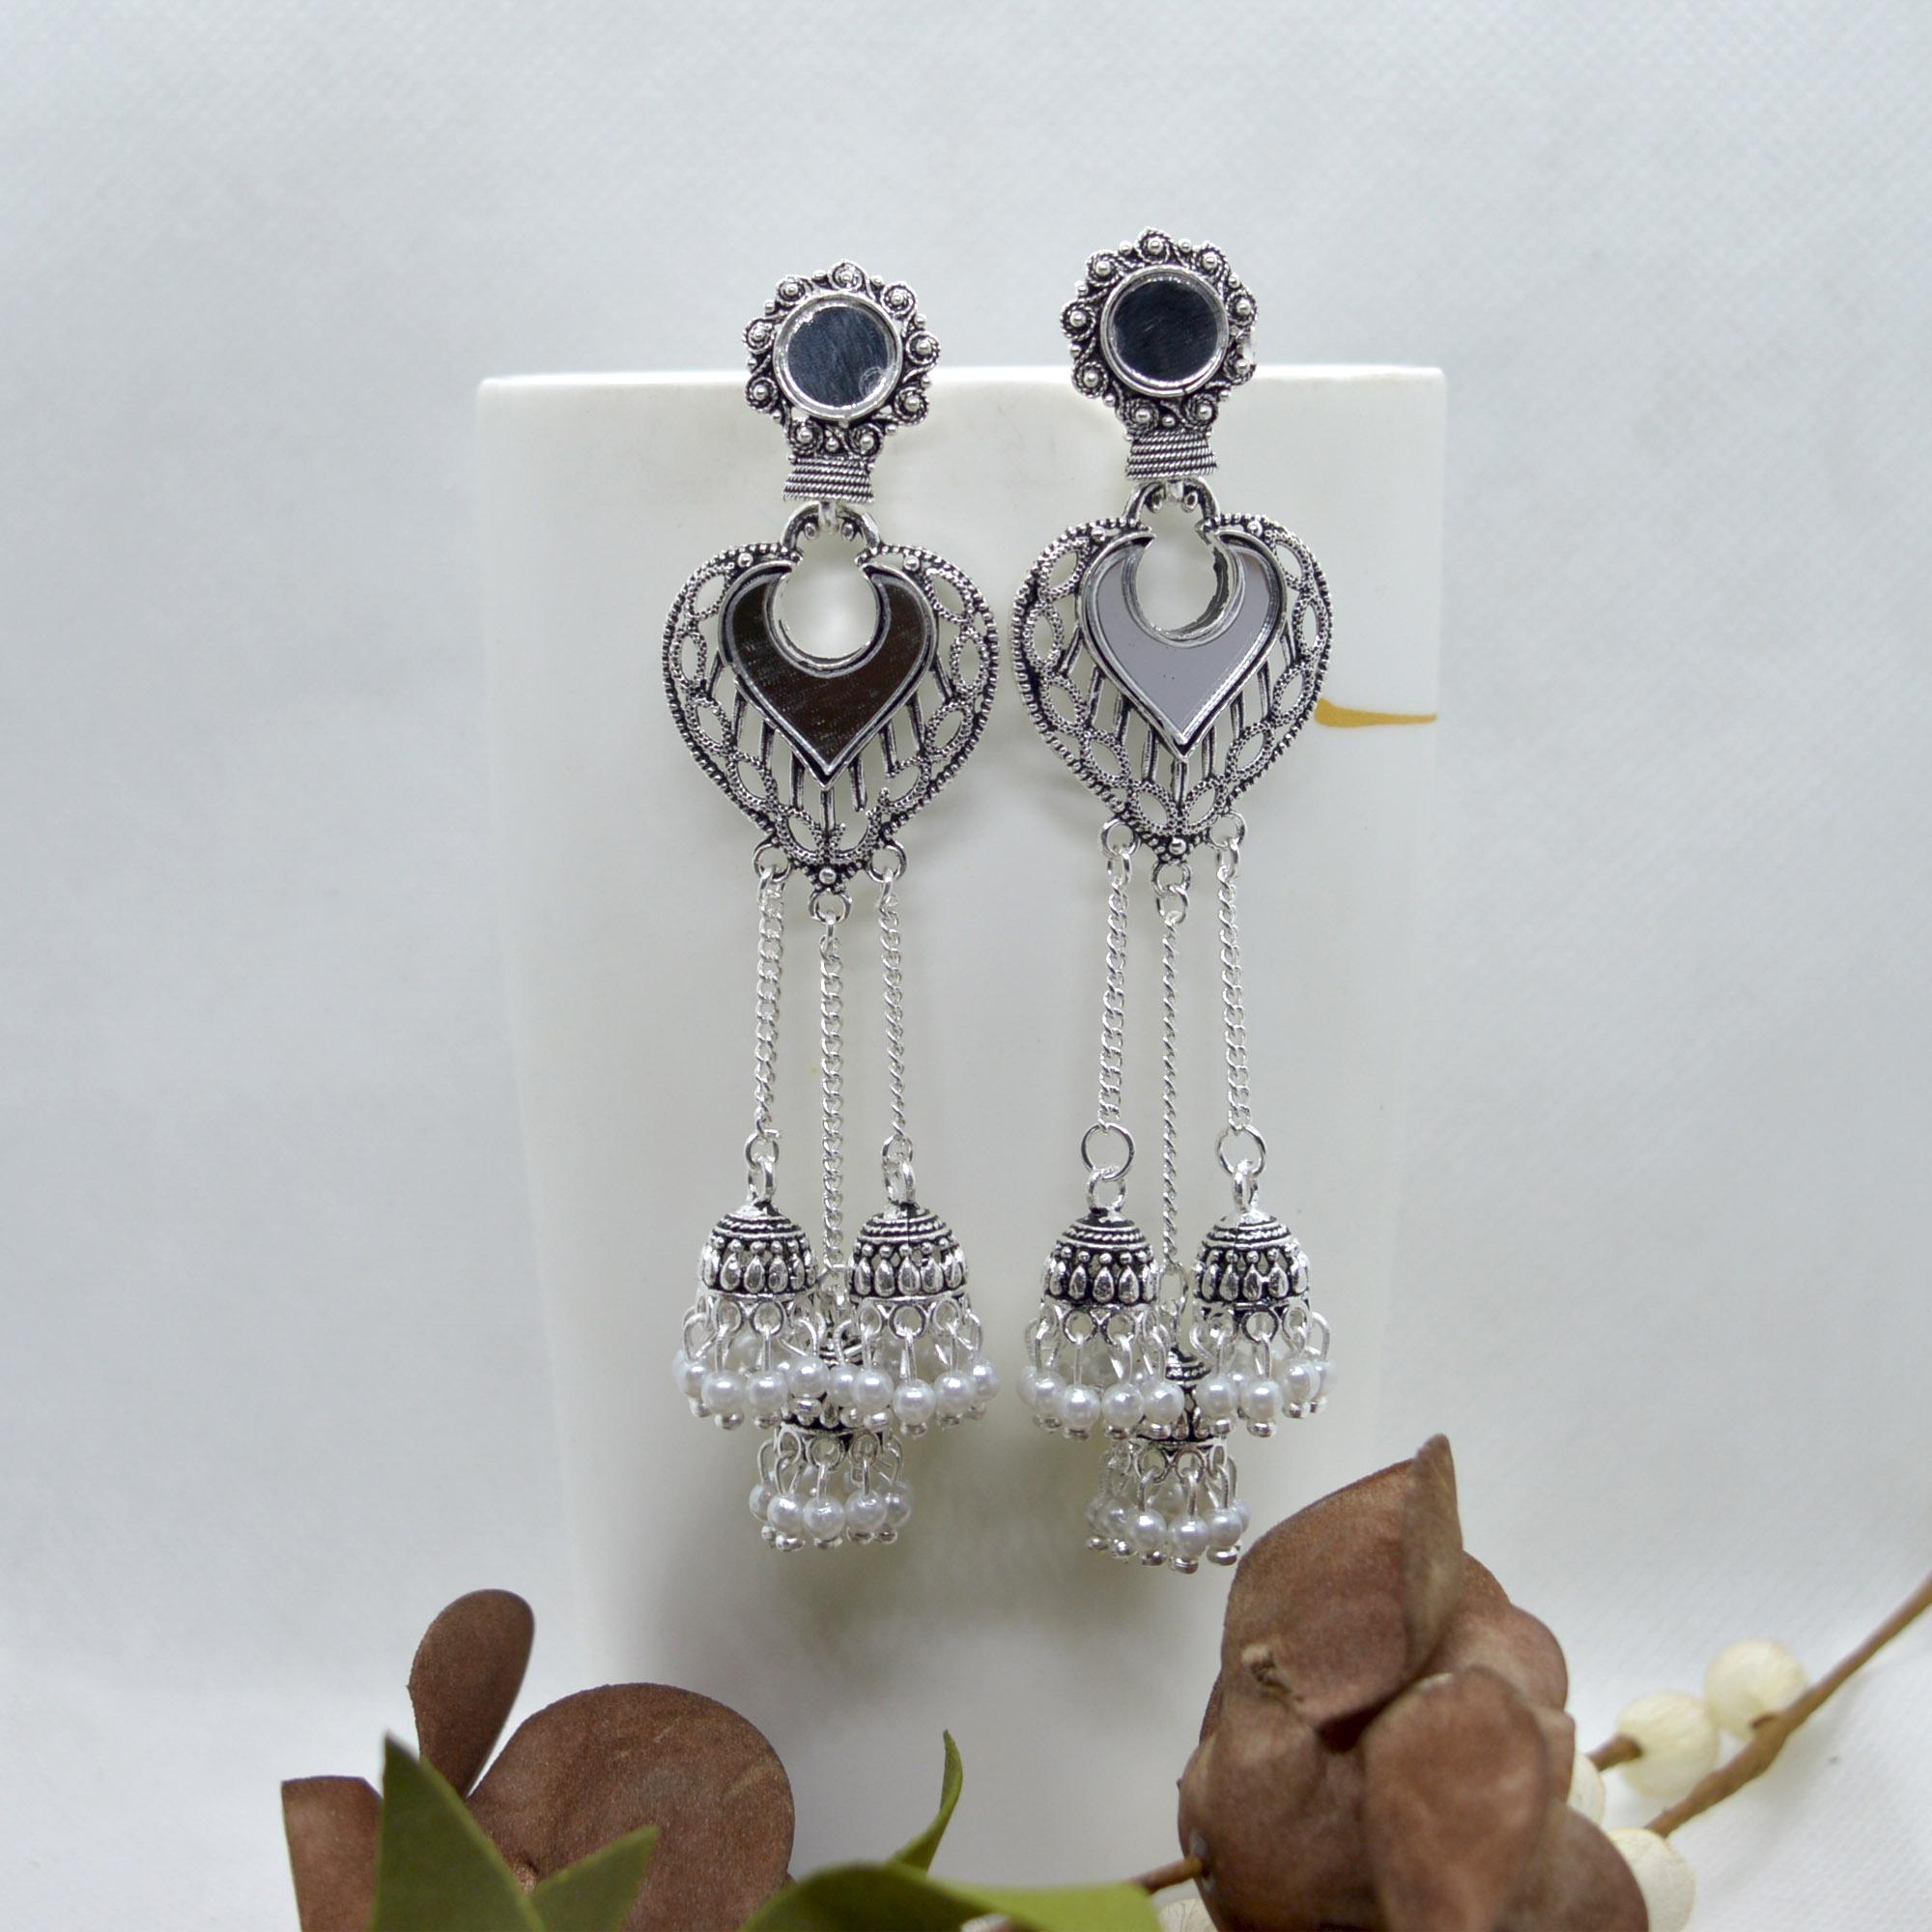 Silver/White Mirror Adorned Ch...